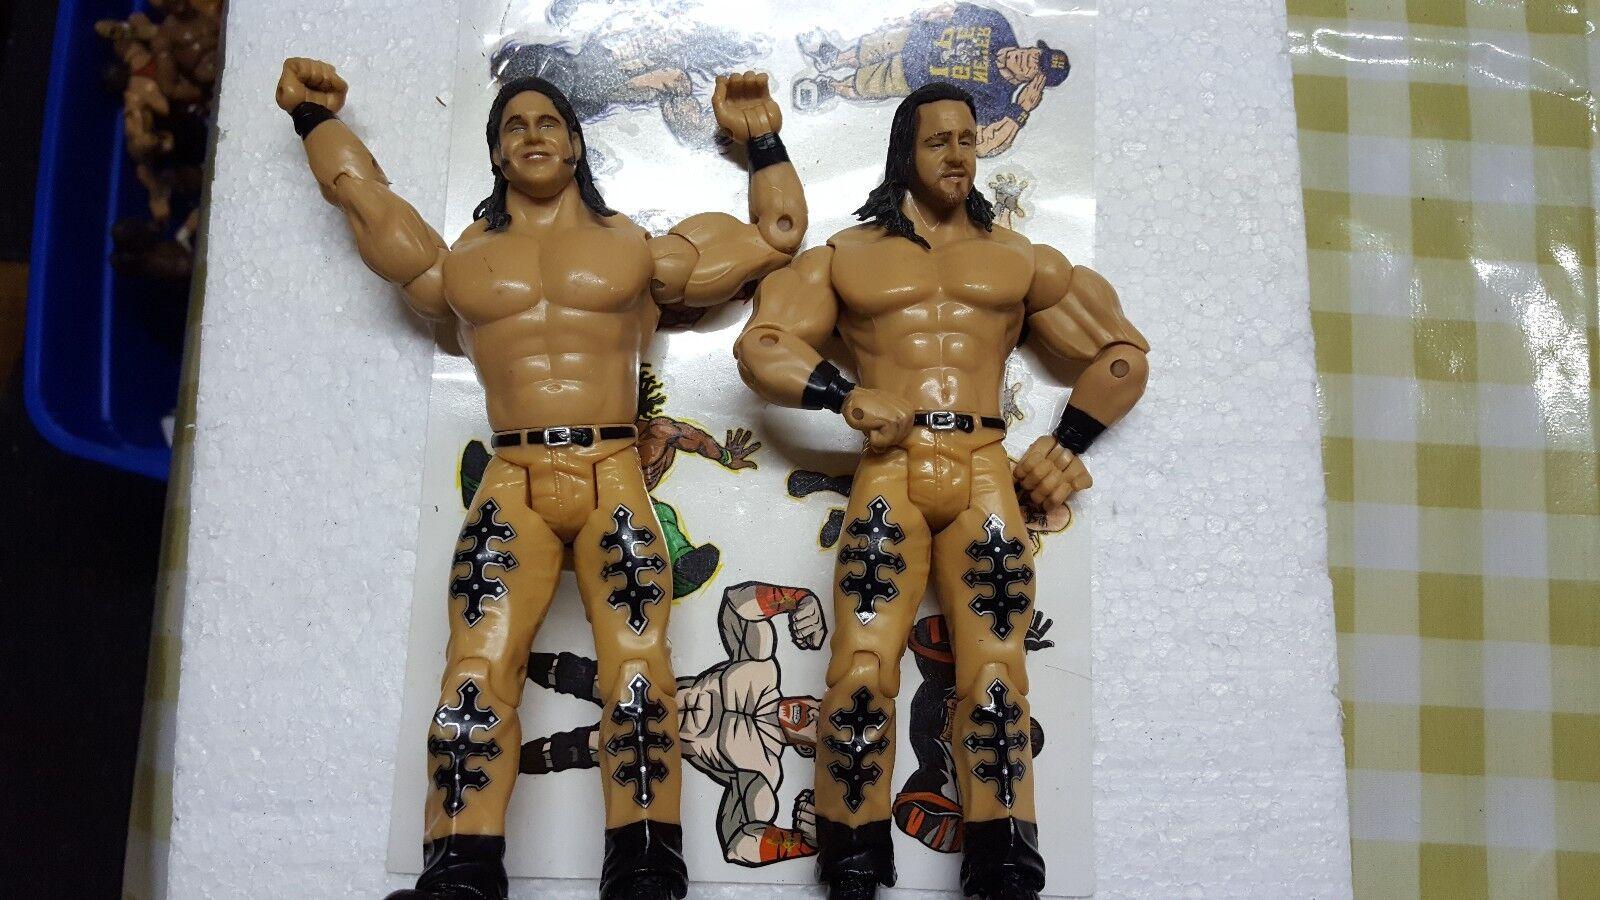 WWE JAKKS figuras cargas elegir su equipo equipo equipo de la etiqueta de franqueo combinado WWF WCW ECW 677a21